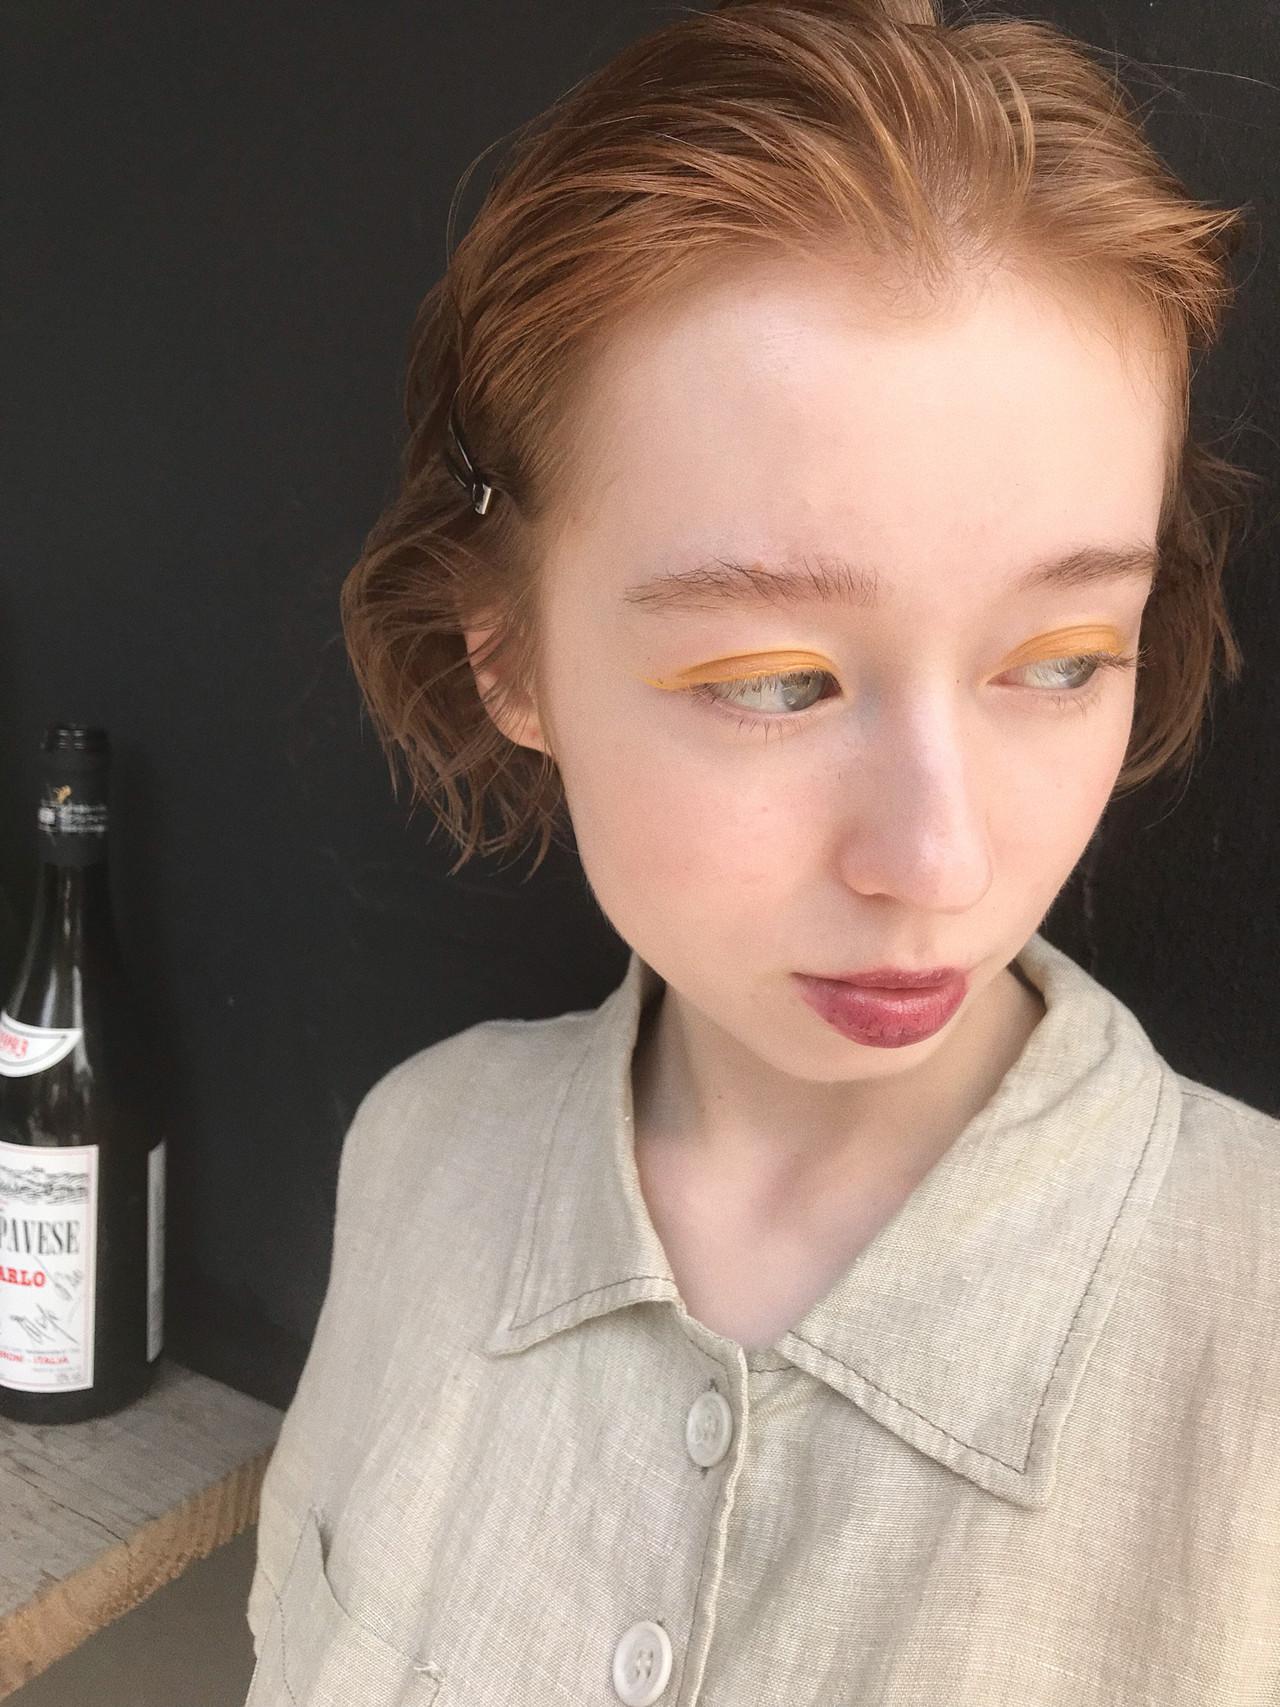 グラデーションカラー ボブ ミニボブ ハイライト ヘアスタイルや髪型の写真・画像